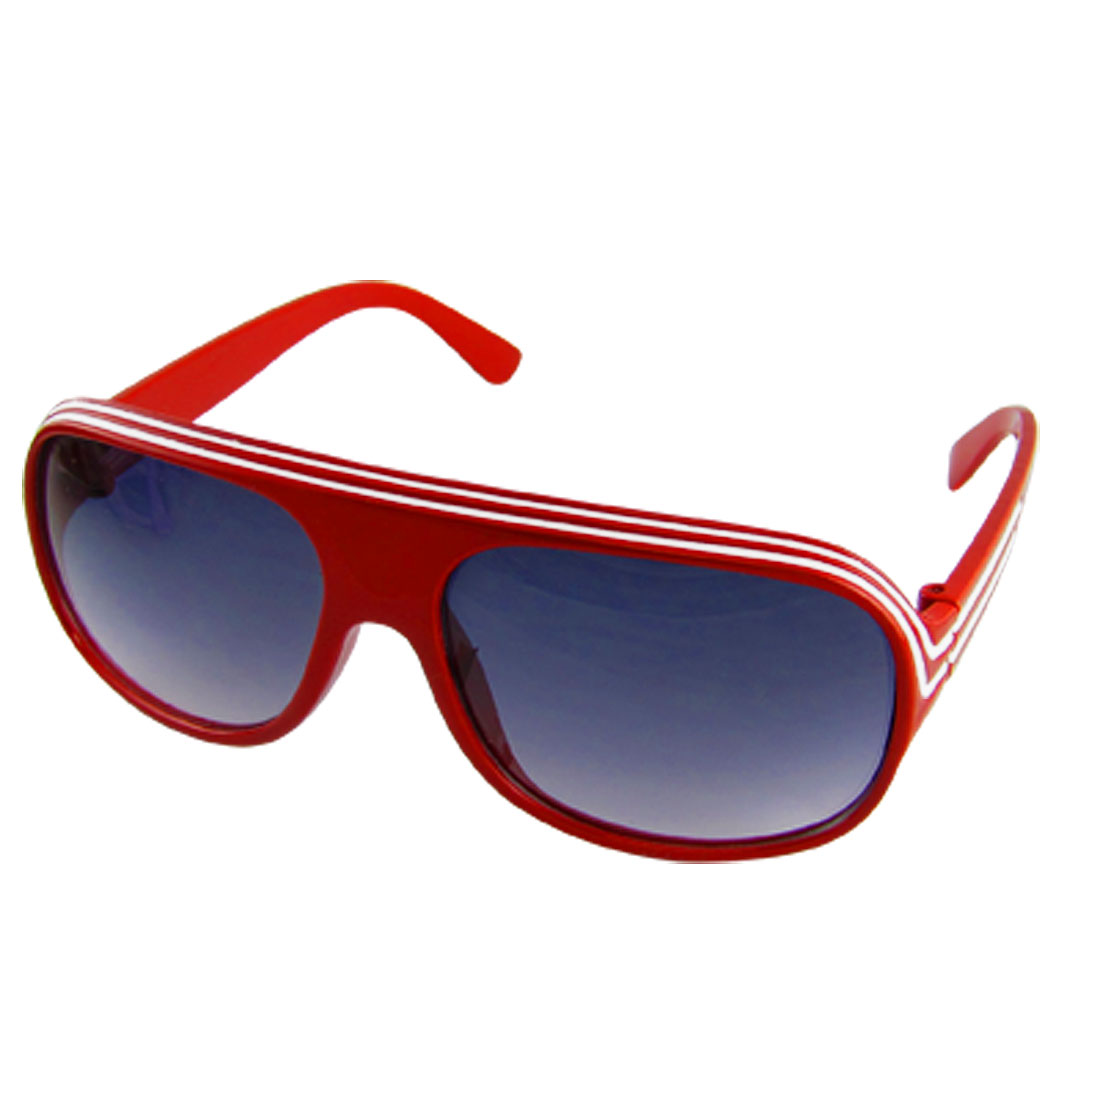 Children Sports UV Protection Sunglasses Red Frame Black Lens